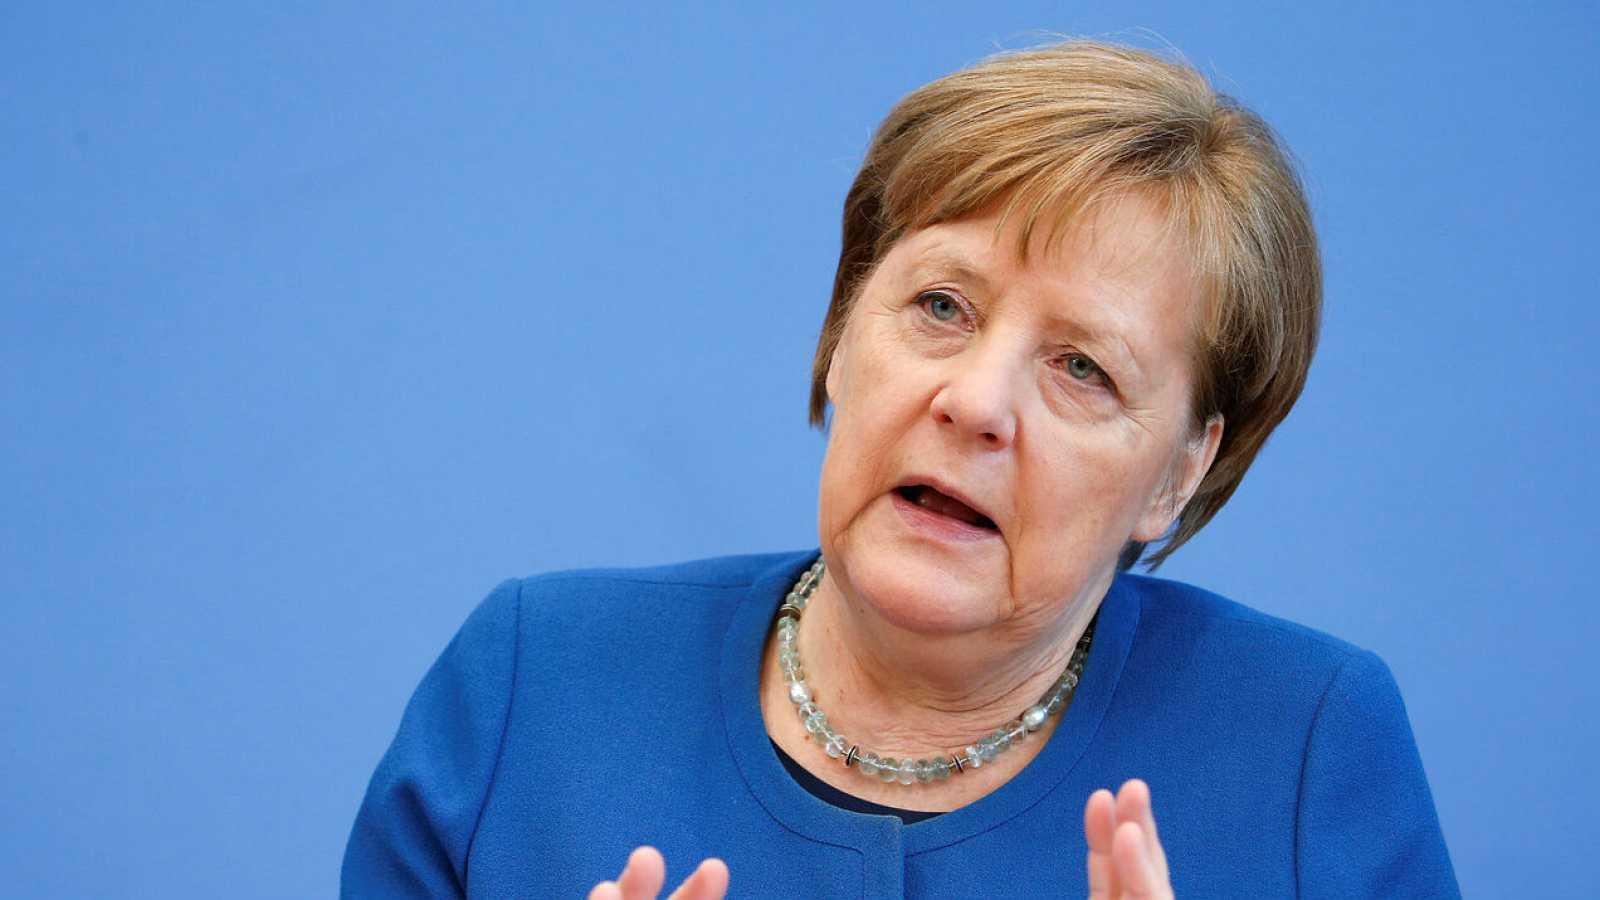 El coronavirus va a afectar al 70% de la población: Angela Merkel